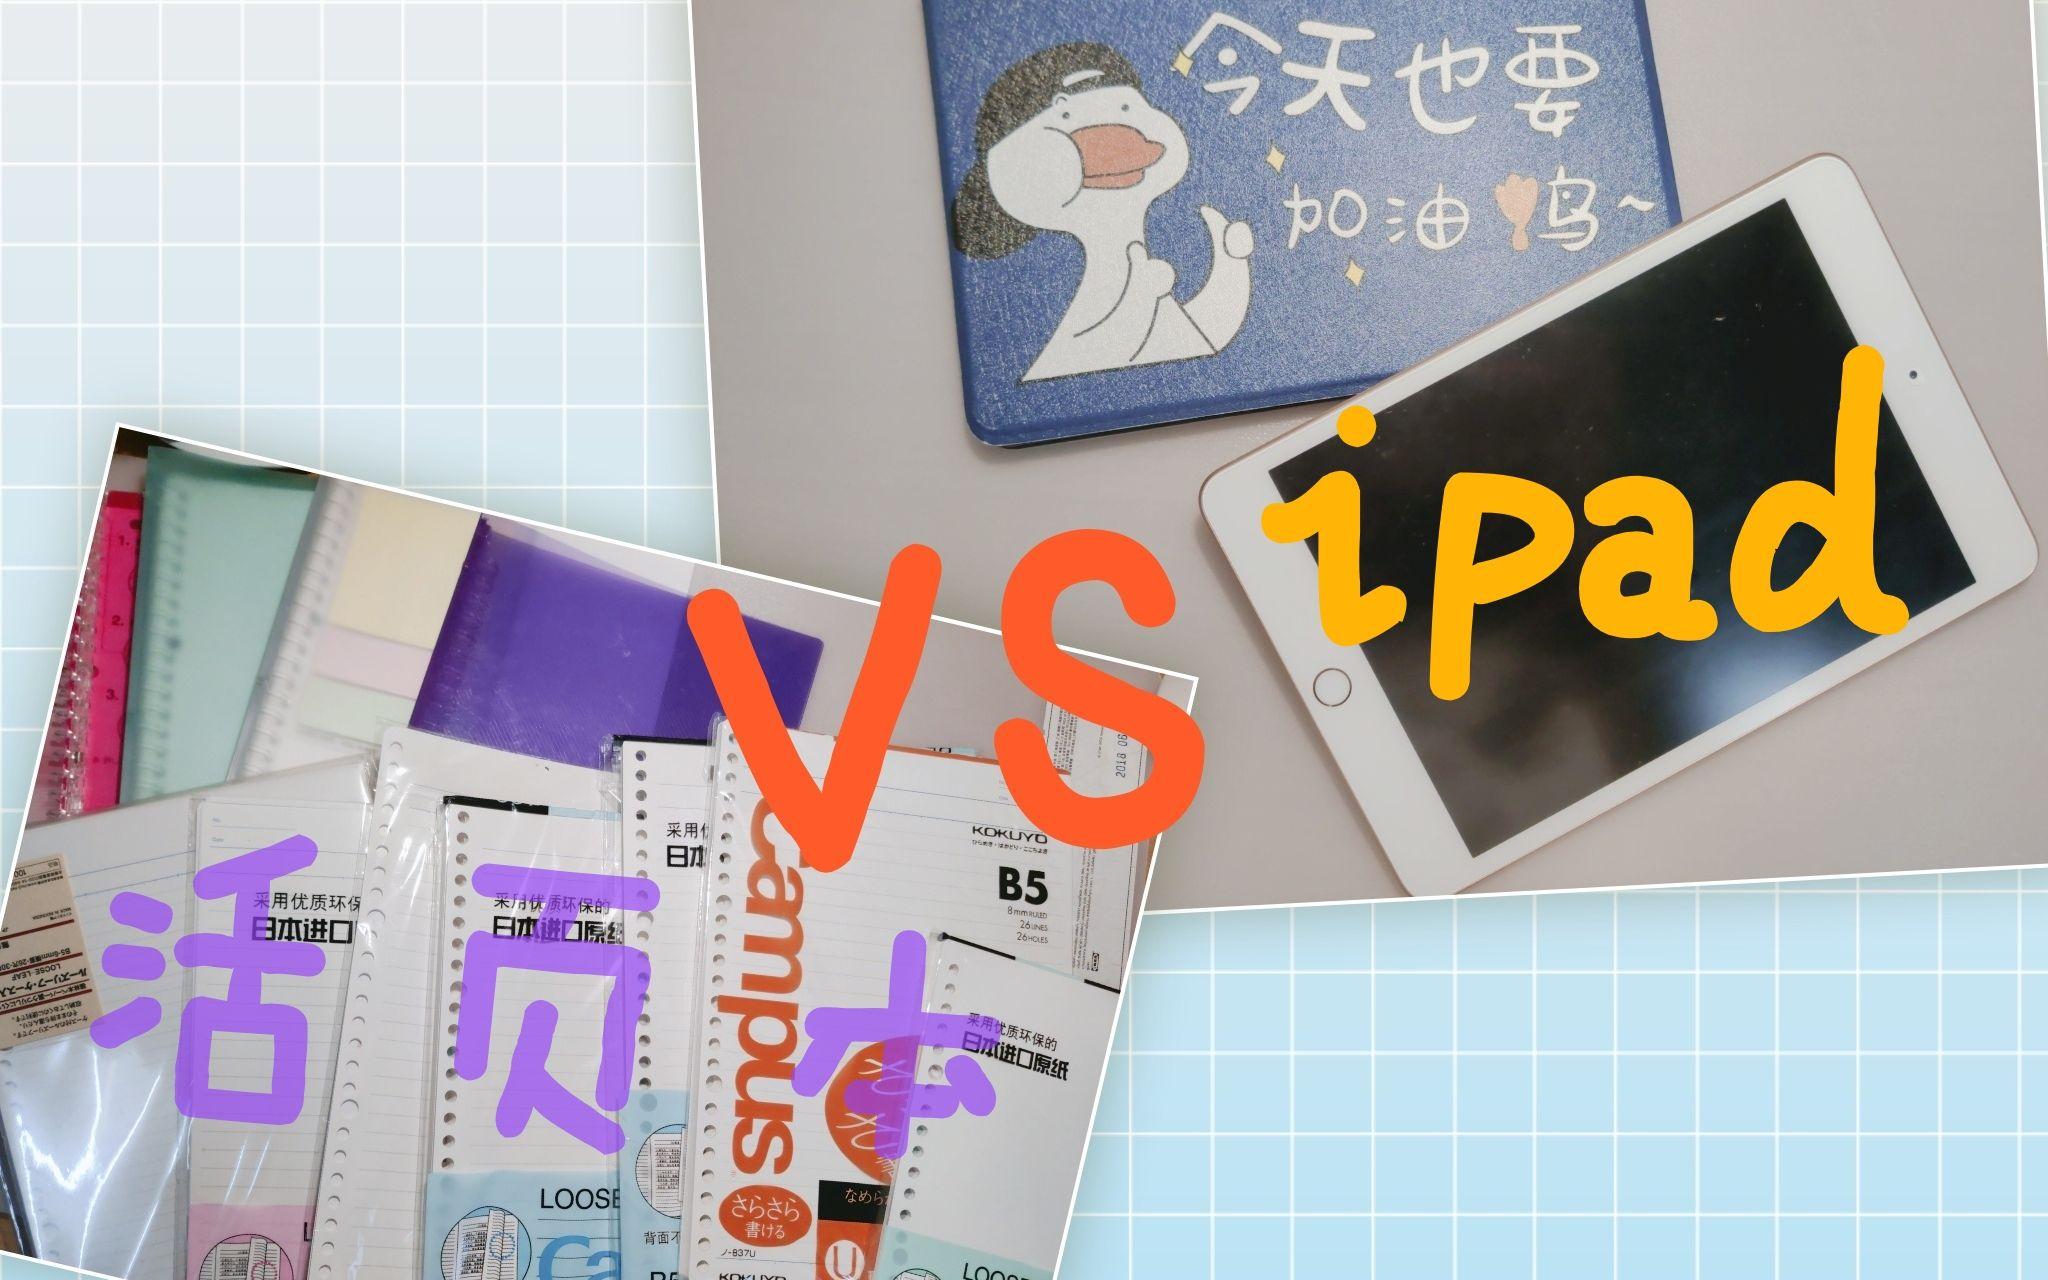 活页本、iPad推荐分享 活页本 vs iPad 有纸化vs无纸化